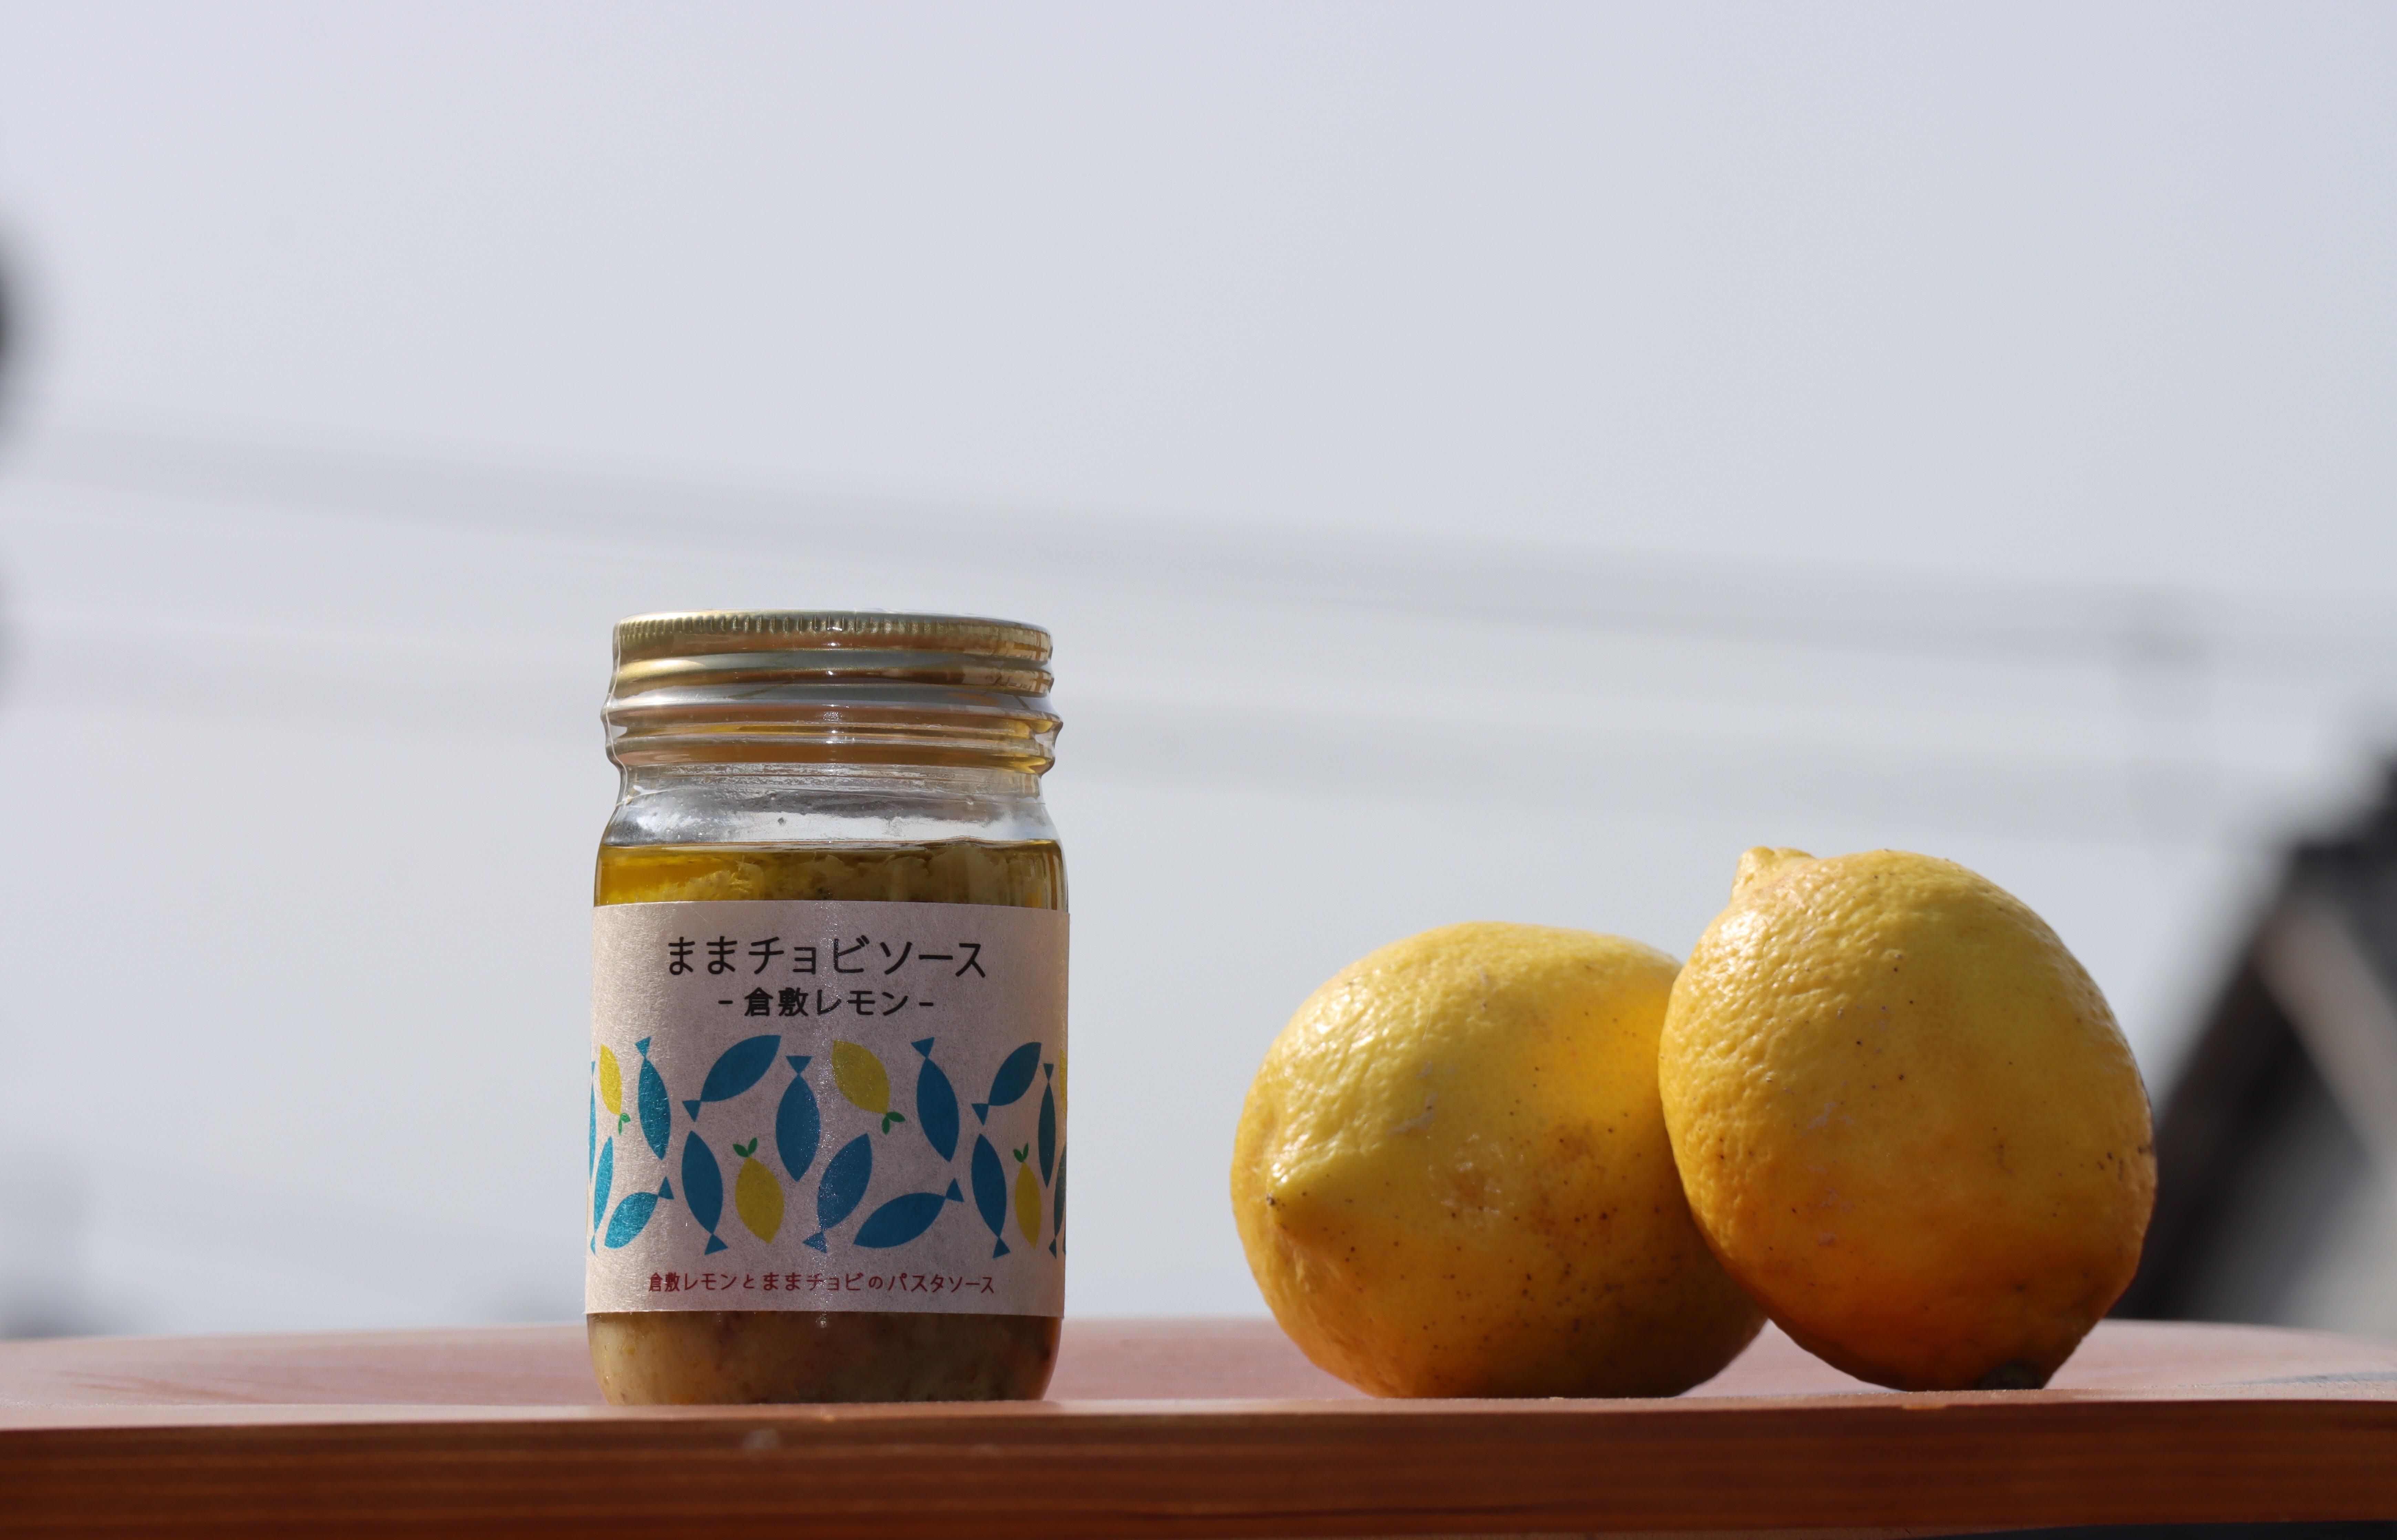 ままチョビソース -倉敷レモン-(倉敷レモンとままかりのアンチョビのパスタソース)